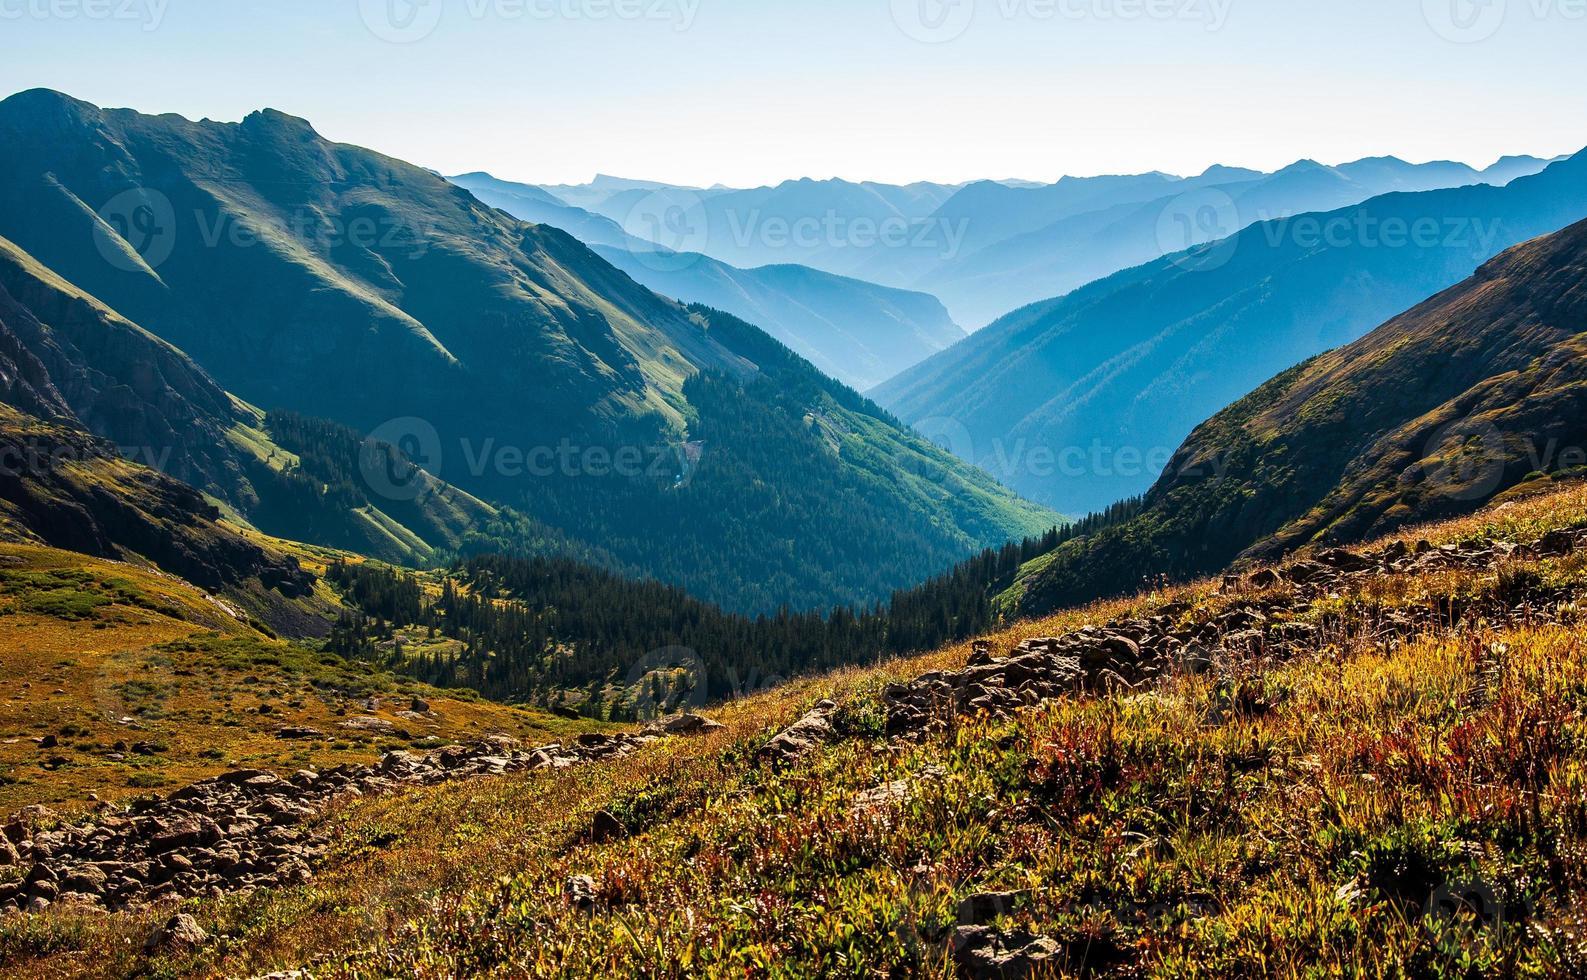 alto sopra i 13.000 piedi sopra il livello del mare montagna rocciosa alta foto